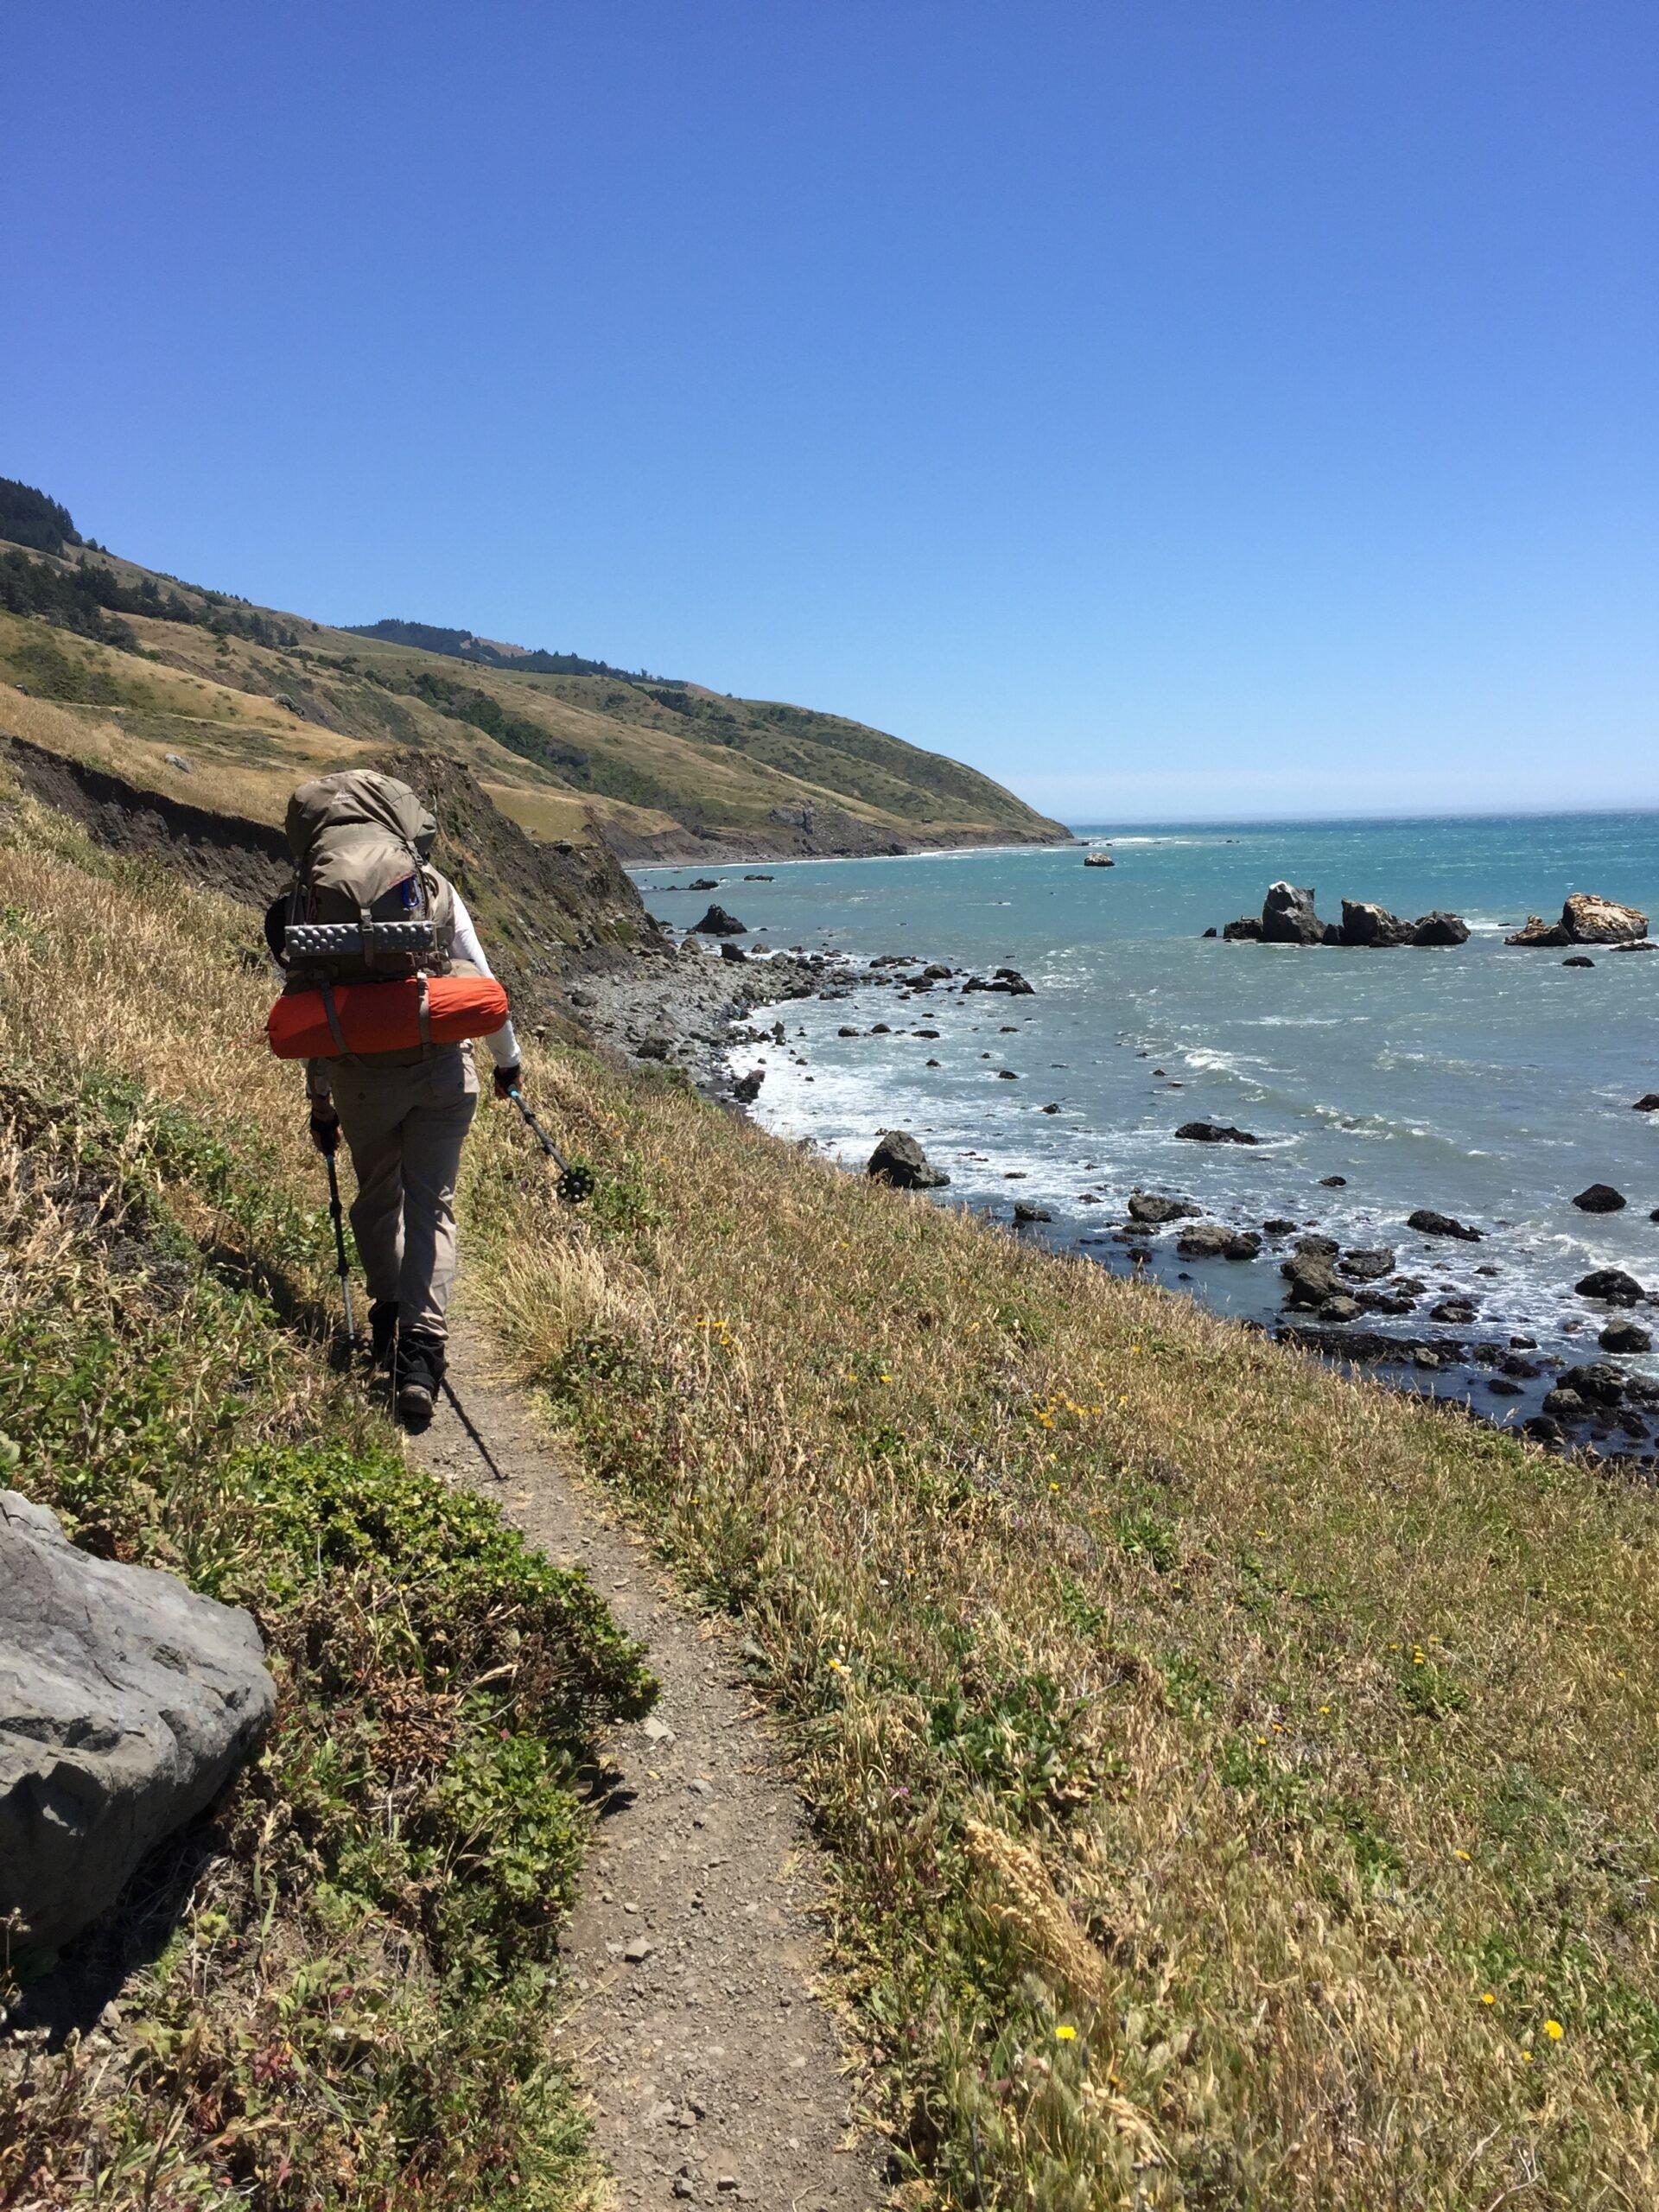 Lost Coast Trail on the California coast